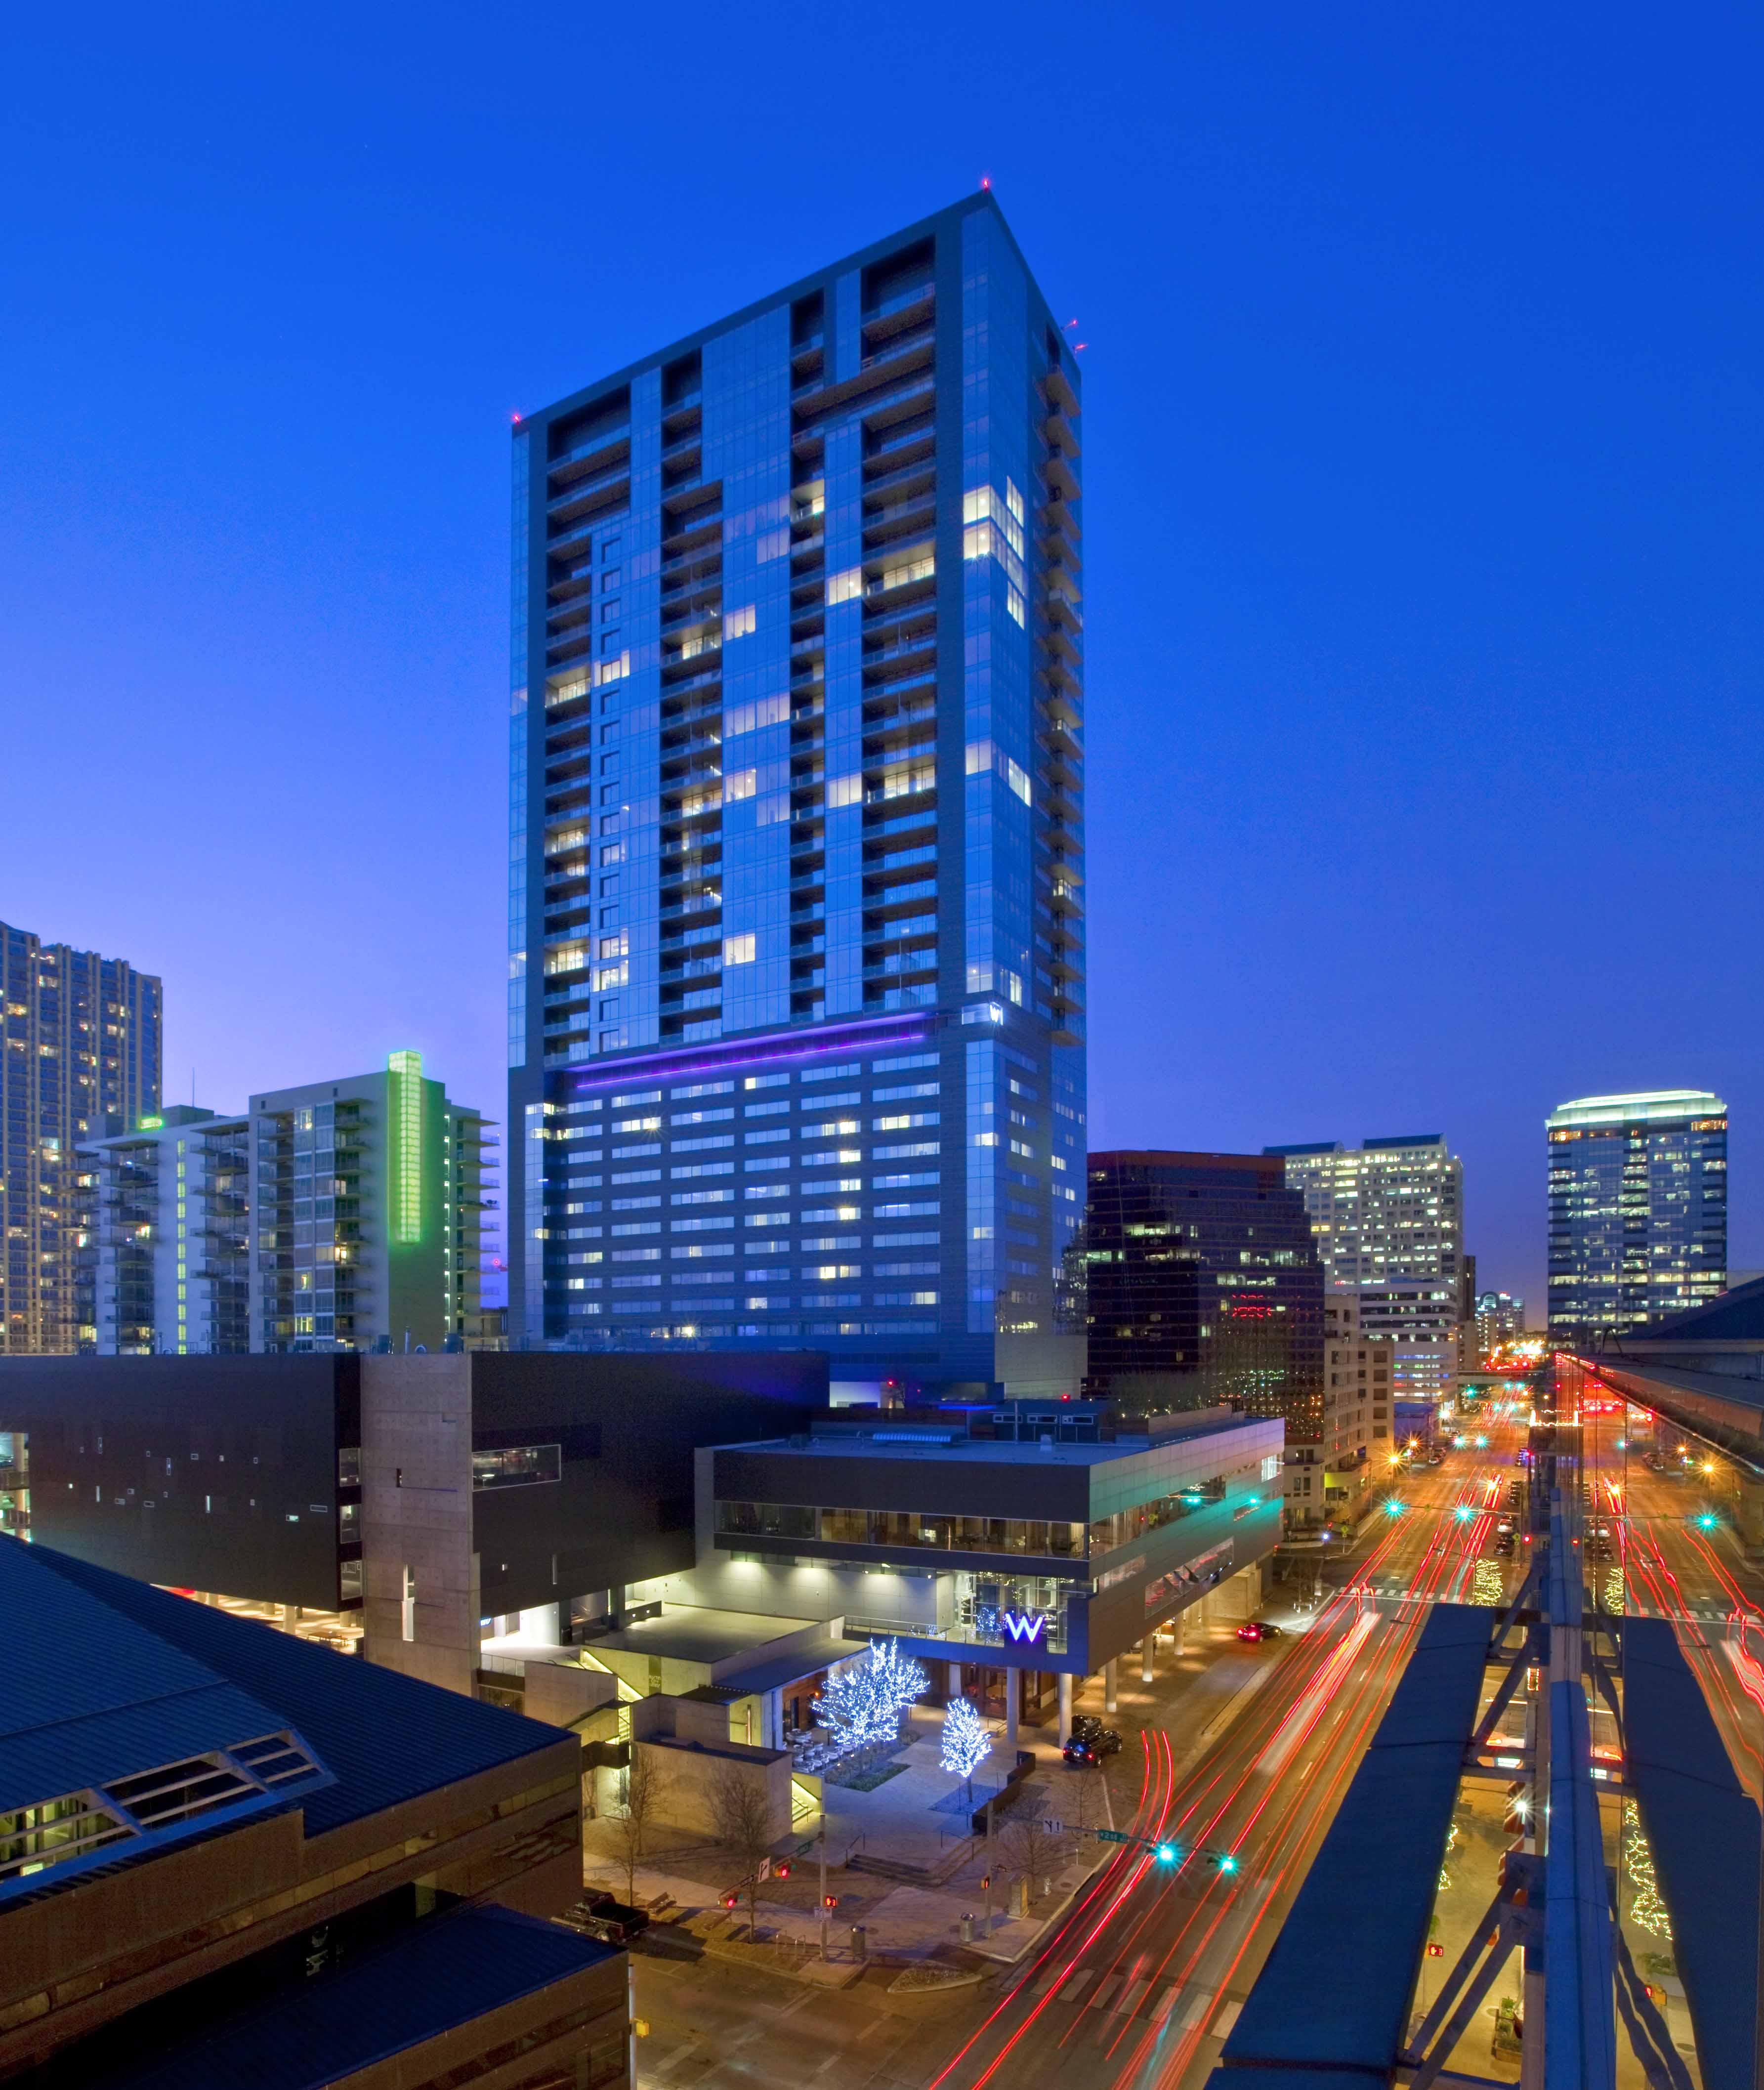 The W Austin Hotel